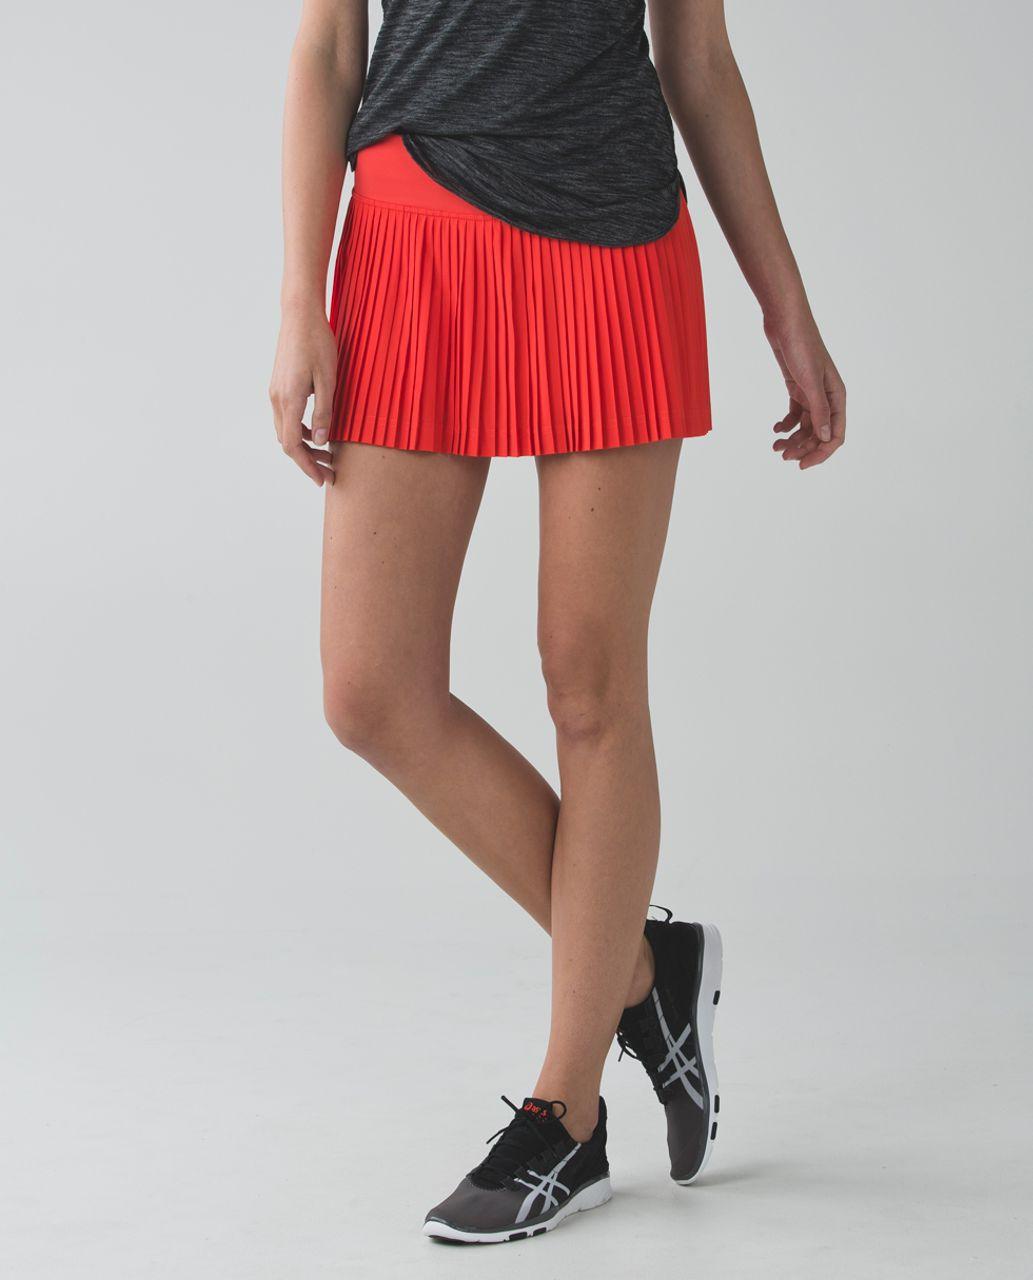 8253340a88 Lululemon Pleat To Street Skirt II - Alarming - lulu fanatics